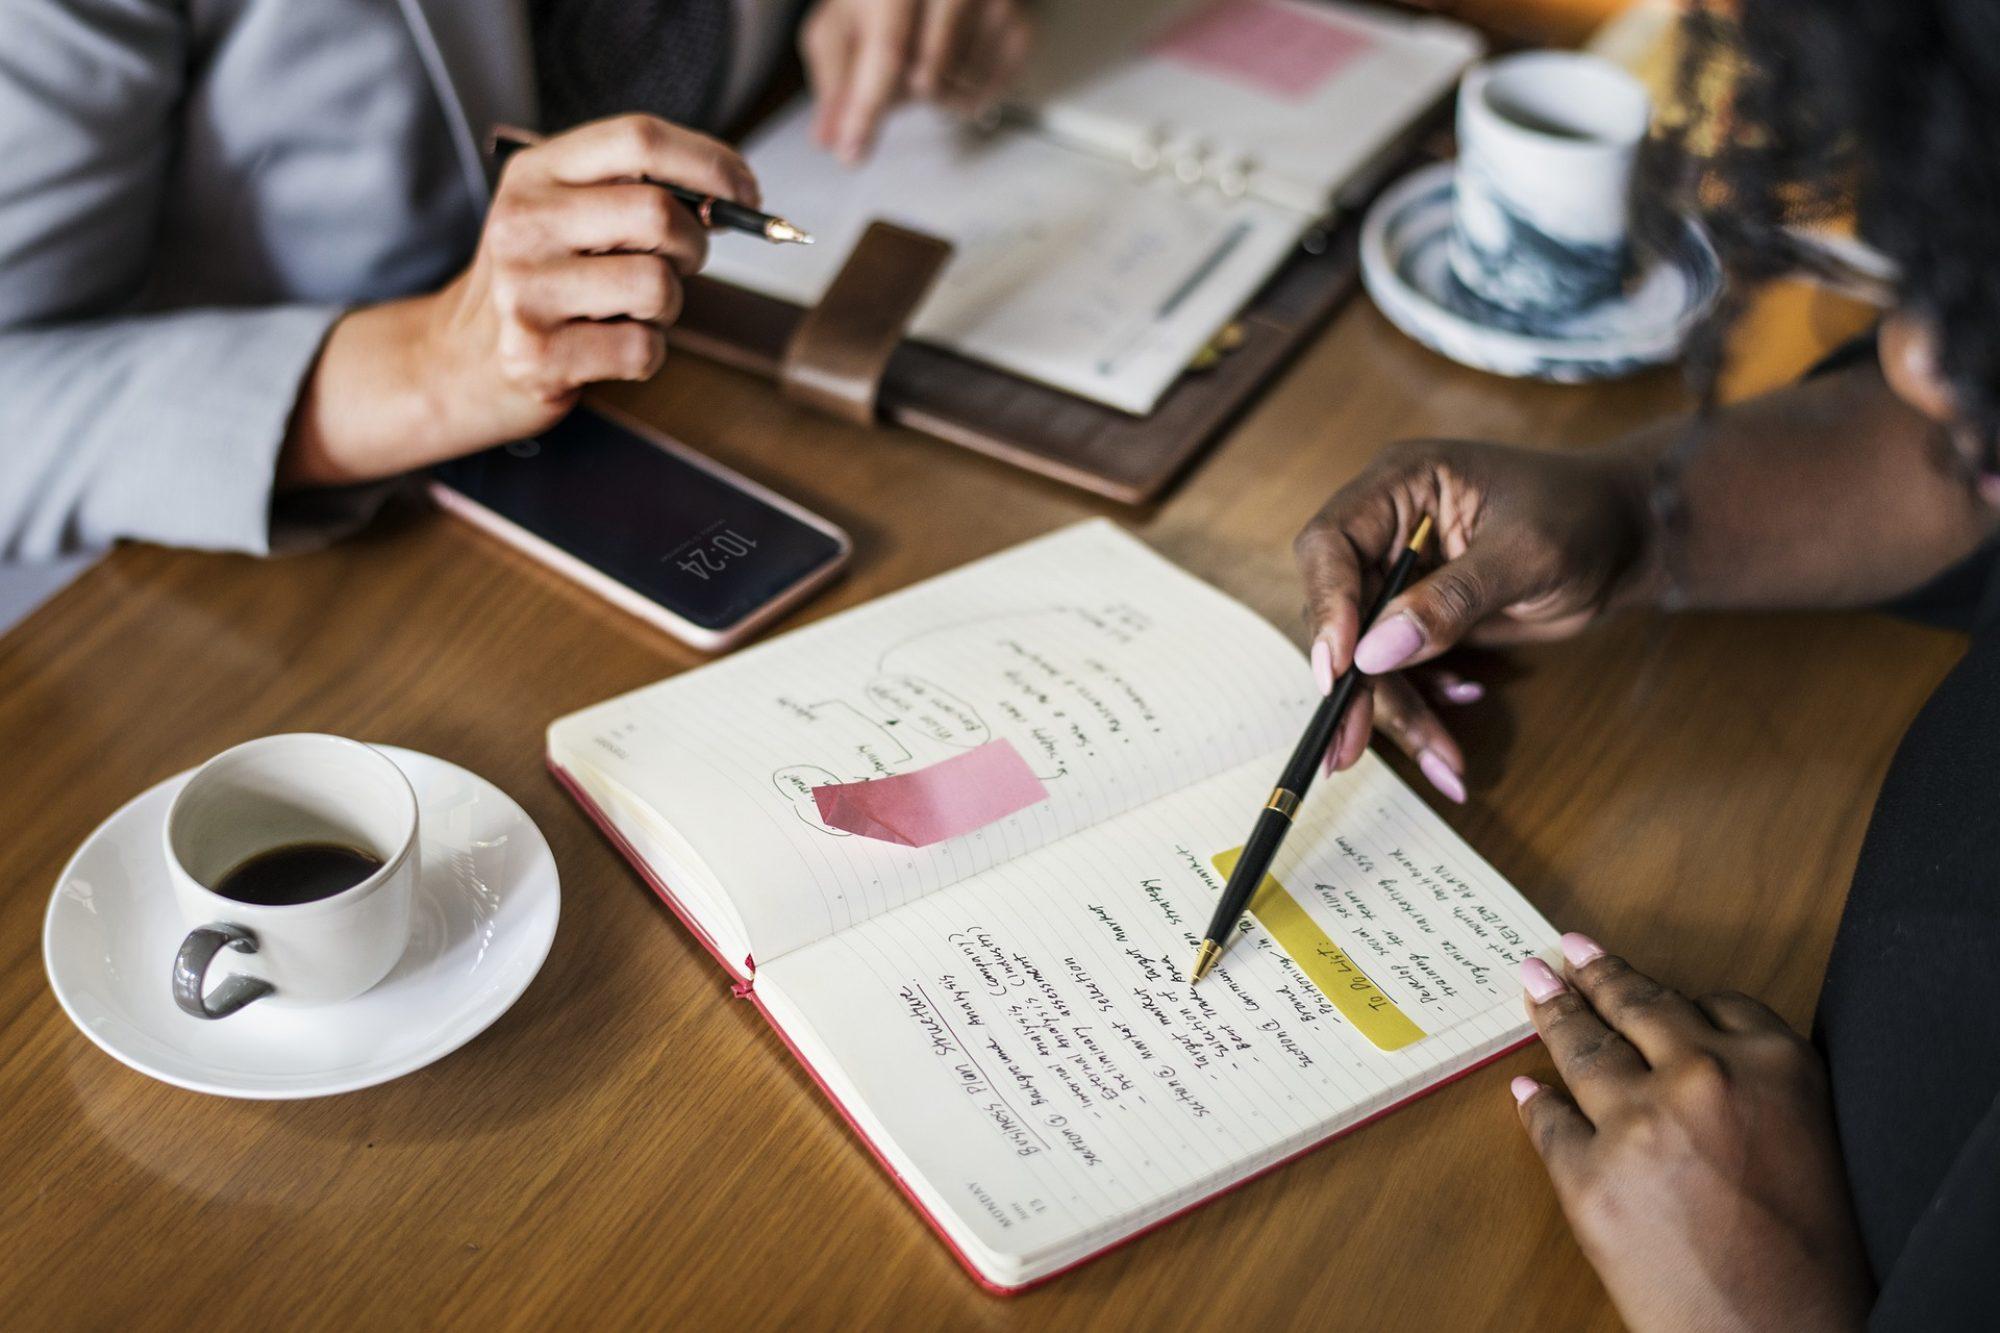 Menschen - Unternehmenskultur- Positive Führung - Neues Arbeiten